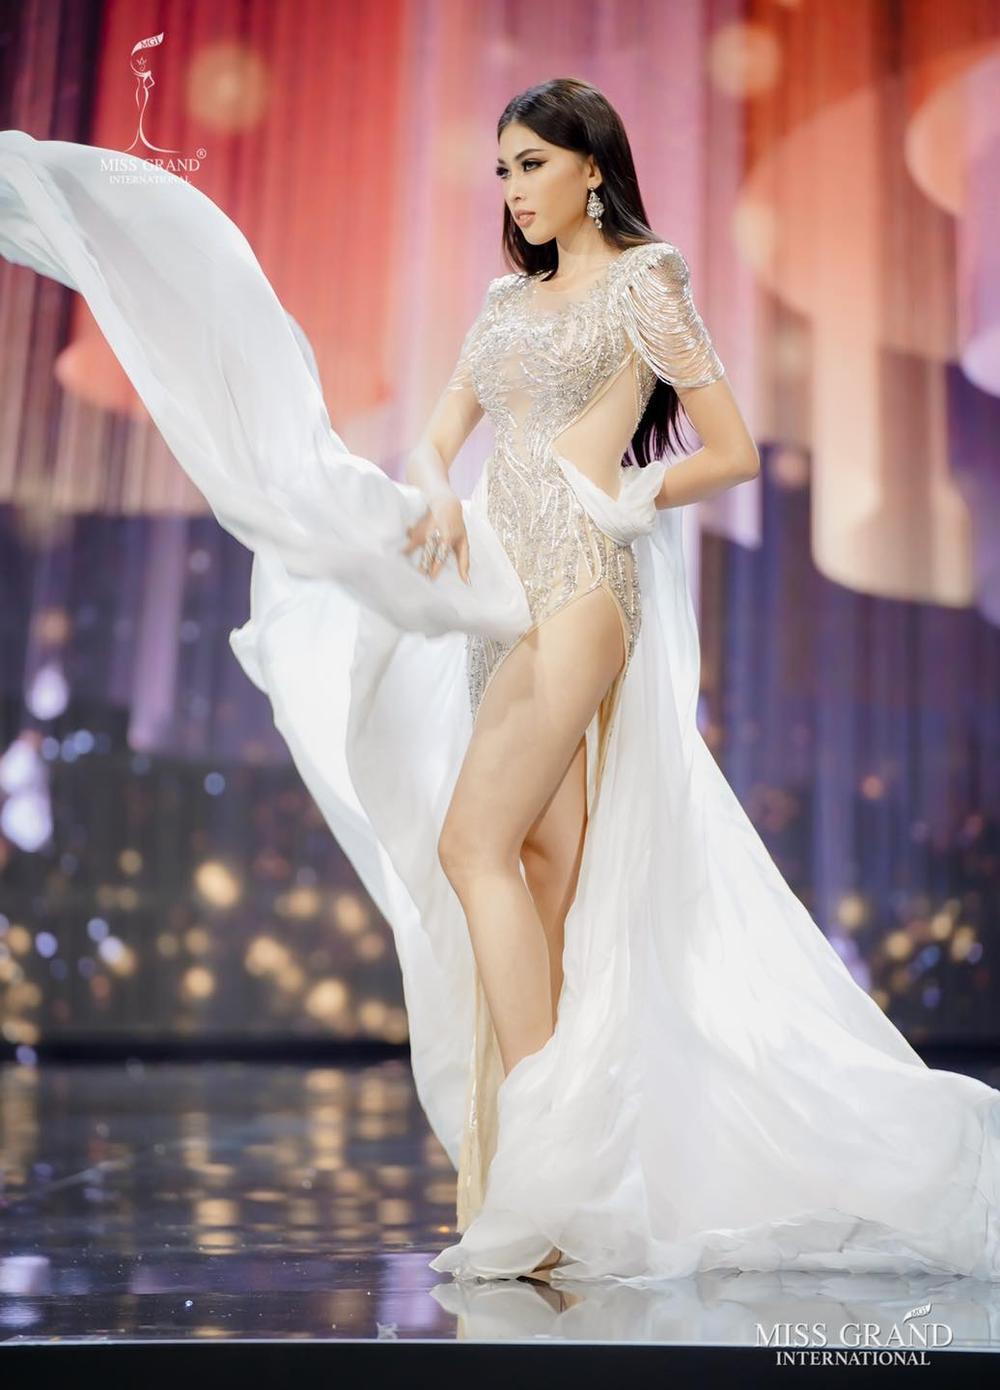 Hành trình lọt Top 20 của Ngọc Thảo: Nàng hậu 21 tuổi bản lĩnh chinh phục Miss Grand giữa mùa dịch! Ảnh 24